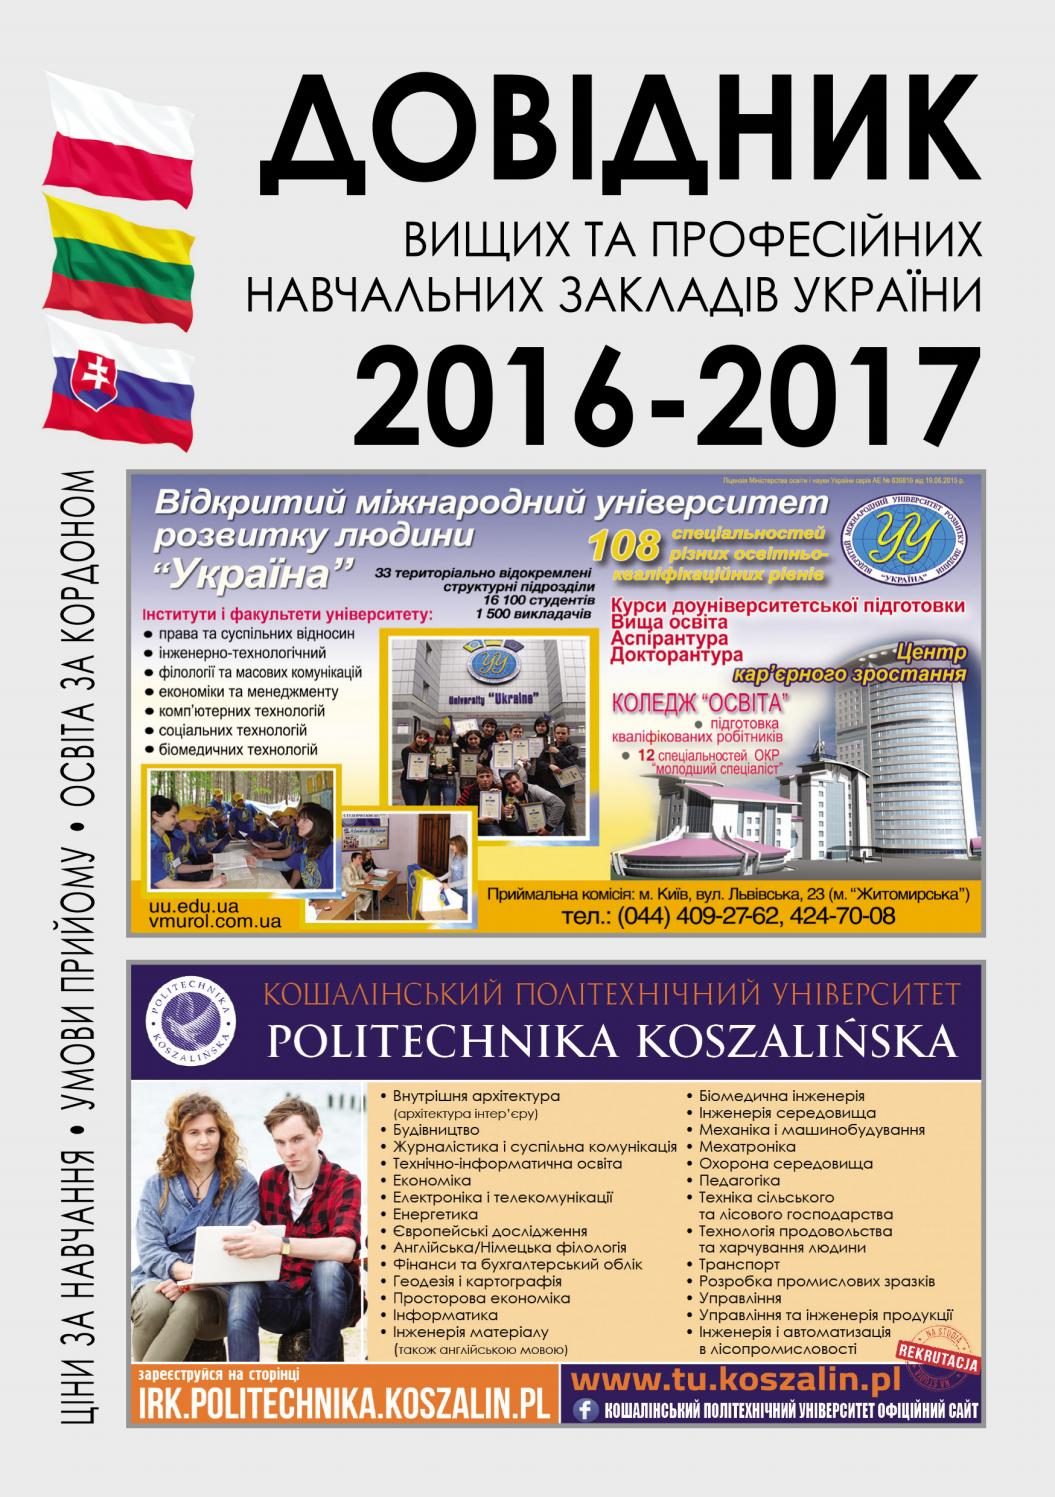 Довідник вищих та професійних навчальних закладів України by Vadim Kucherak  - issuu d4fae8000b0d0